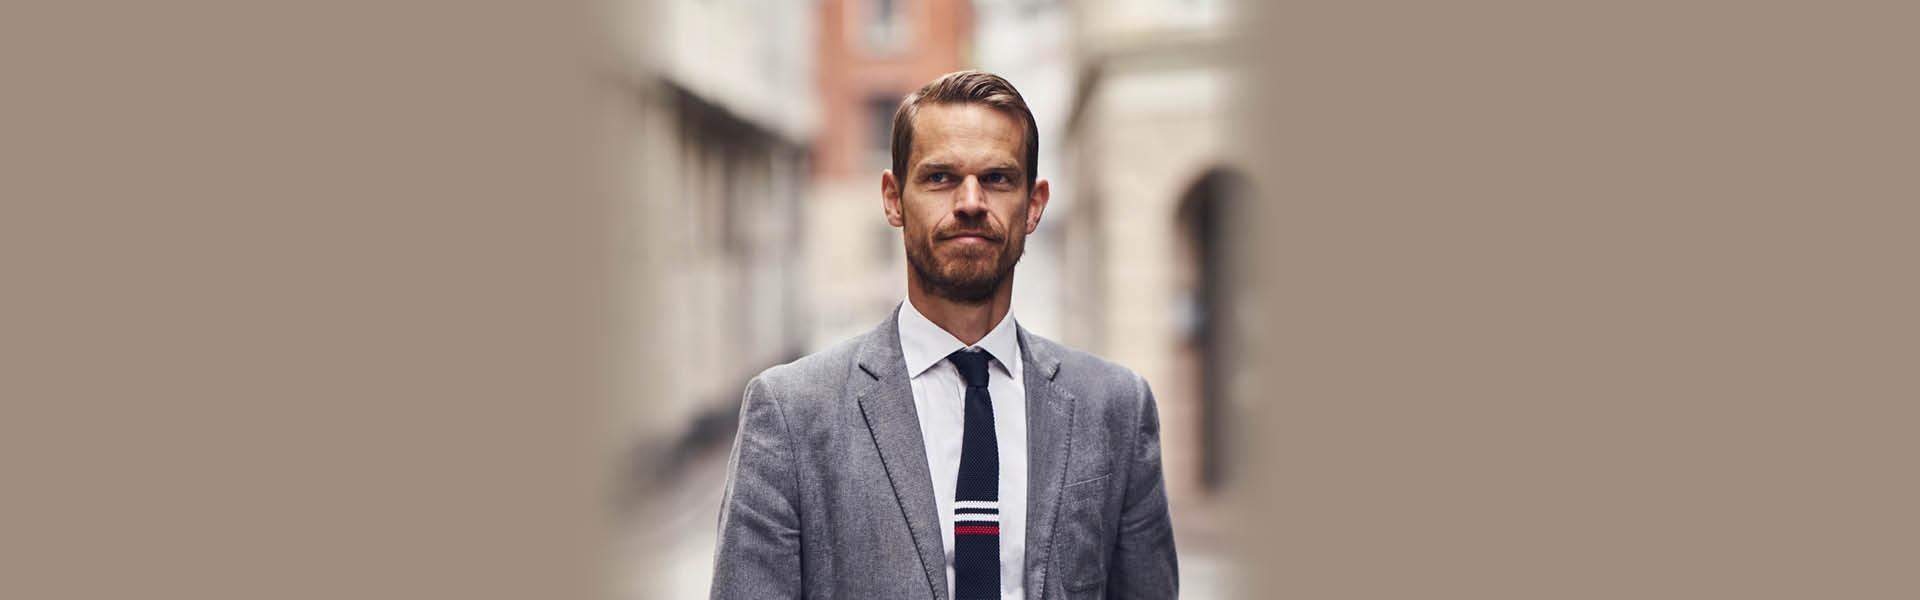 Svend Brinkmann om dannelse i præstationssamfundet